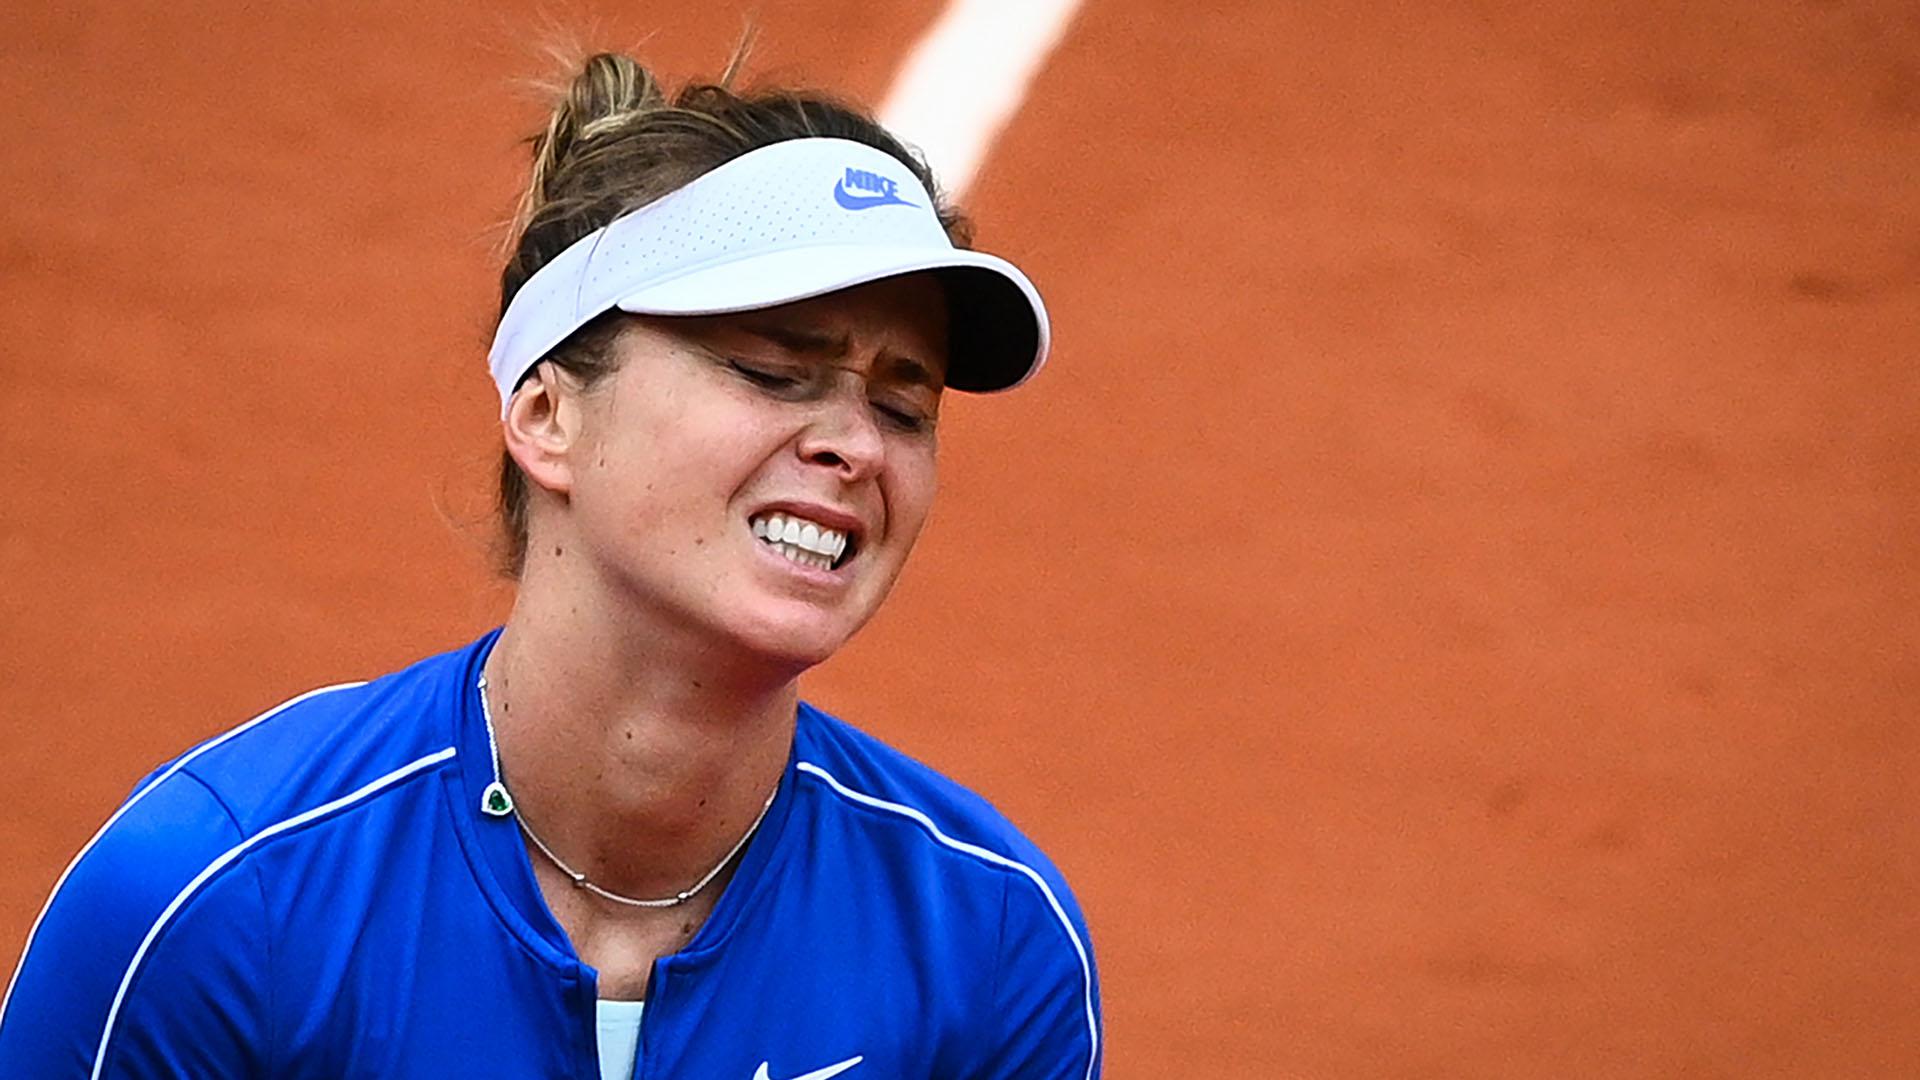 Elina Svitolina había quedado como la preclasificada número 1 por las bajas de las dos primeras pero cayó en cuartos de final (Photo by Anne-Christine POUJOULAT / AFP)